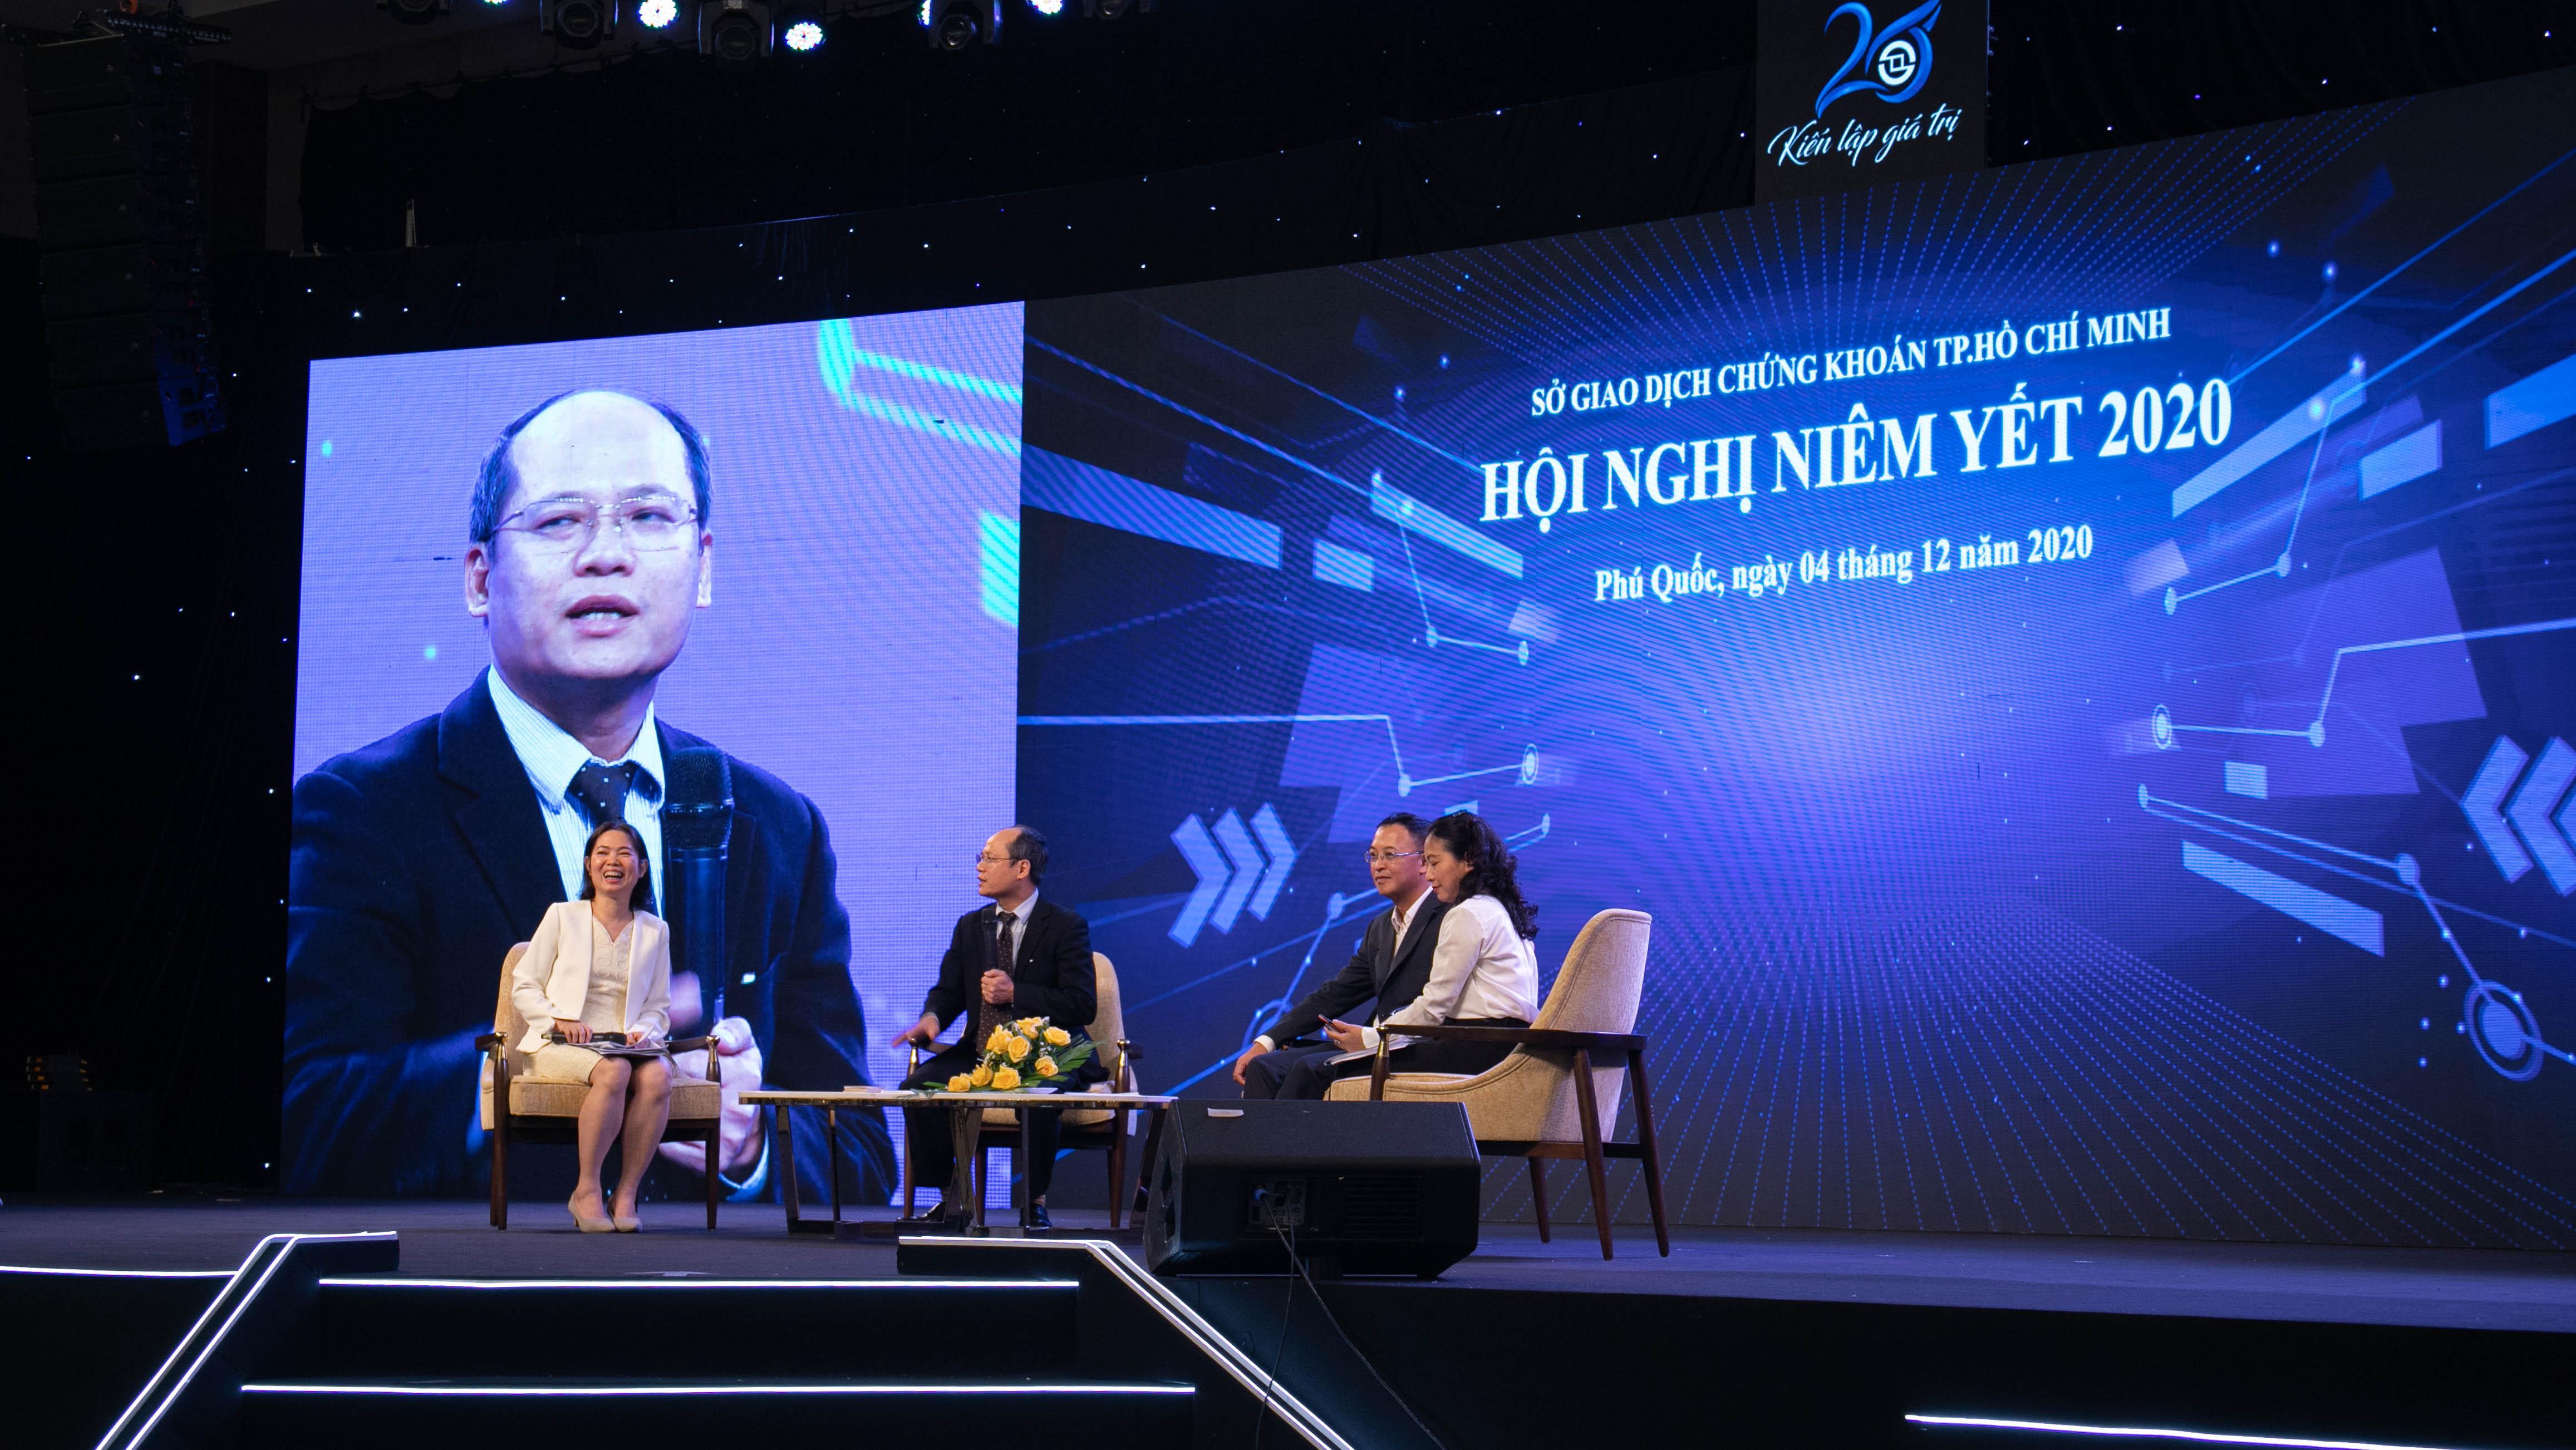 https://www.aravietnam.vn/wp-content/uploads/2020/12/IMG_8584.jpg